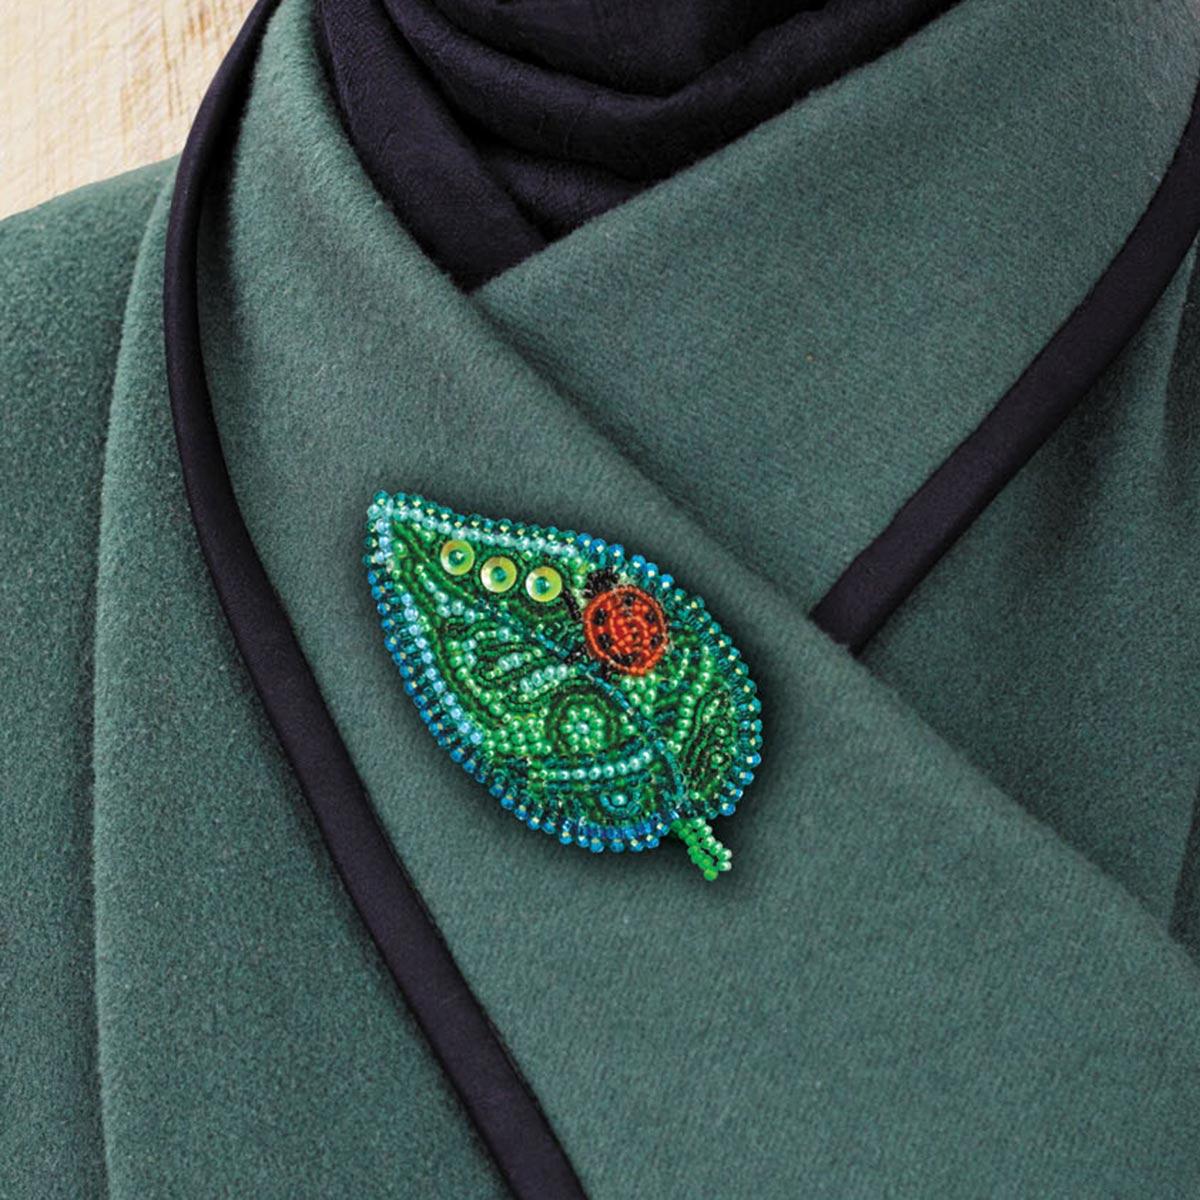 АД-019 Набор для вышивки бисером украшения на натур. художественном холсте Паттернхолст 'Маленькая гостья'6,4*4,7см